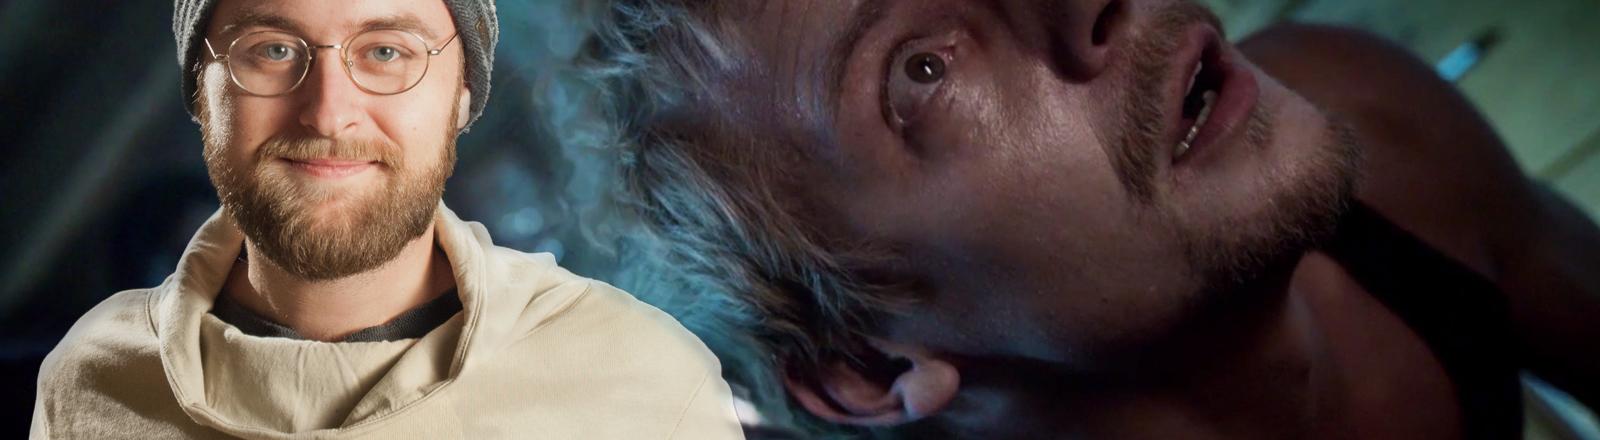 Max Ponischowski und eine Szene aus seinem Film Träumer.